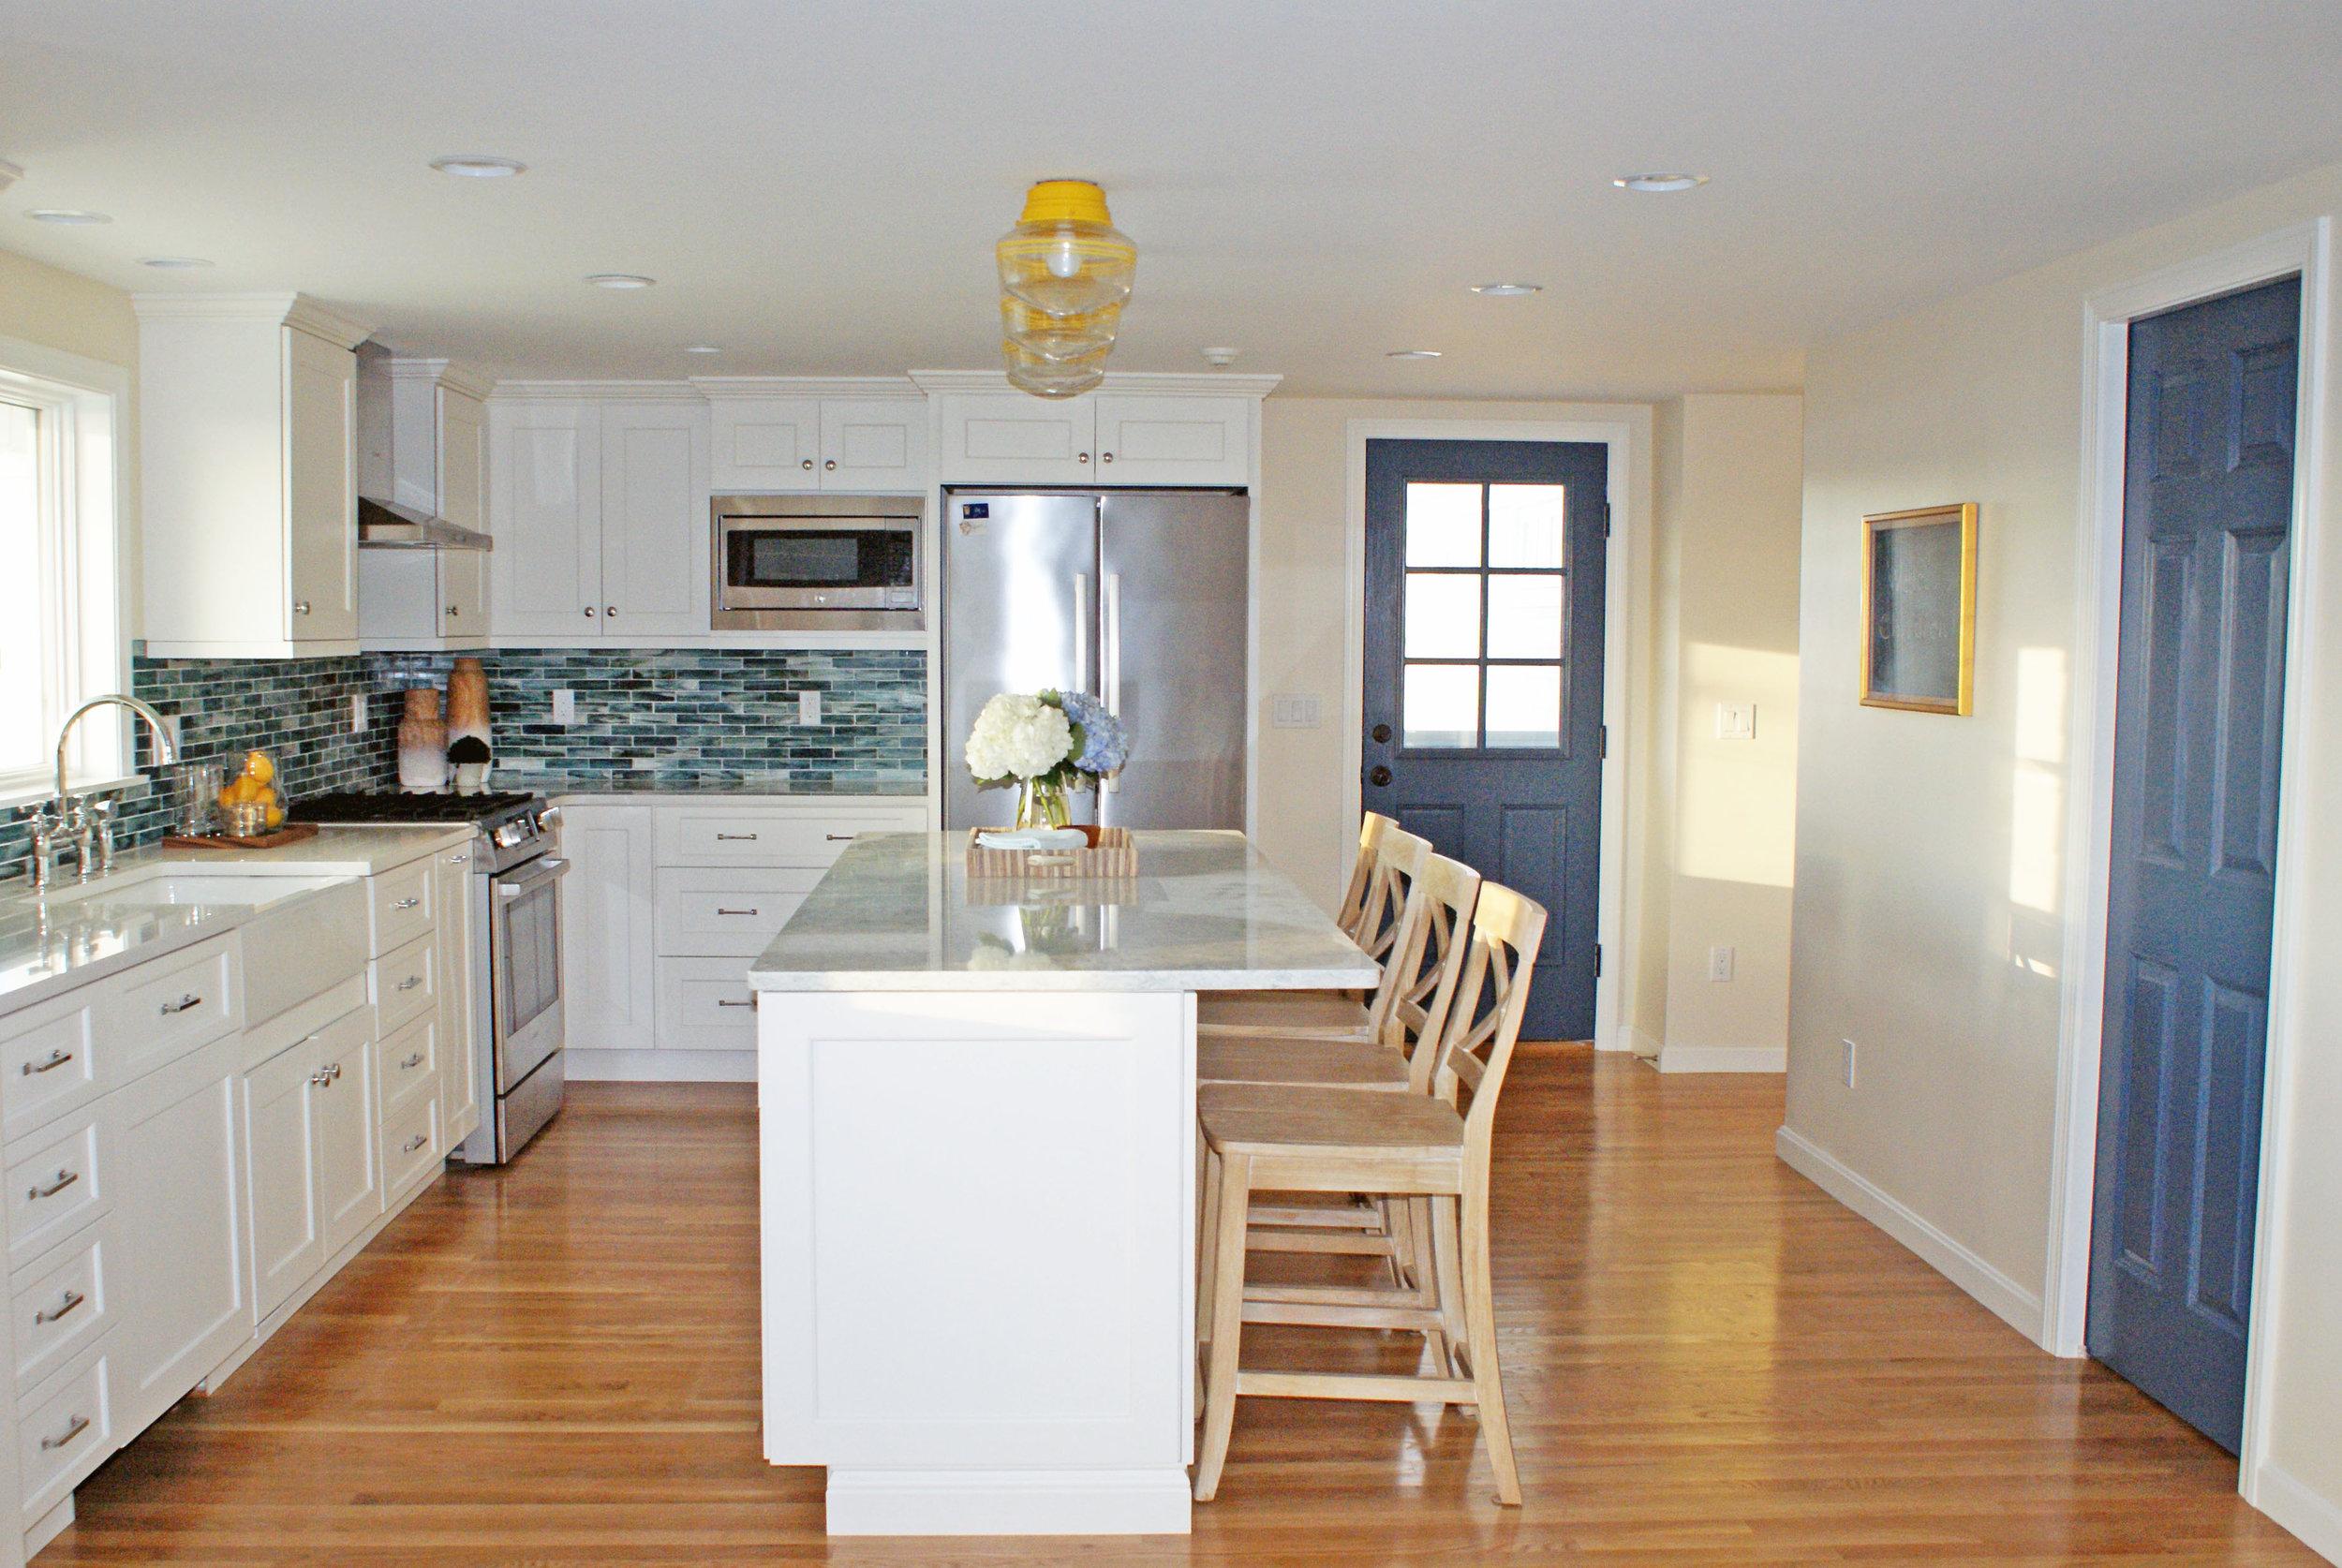 Kitchen with doors.jpg